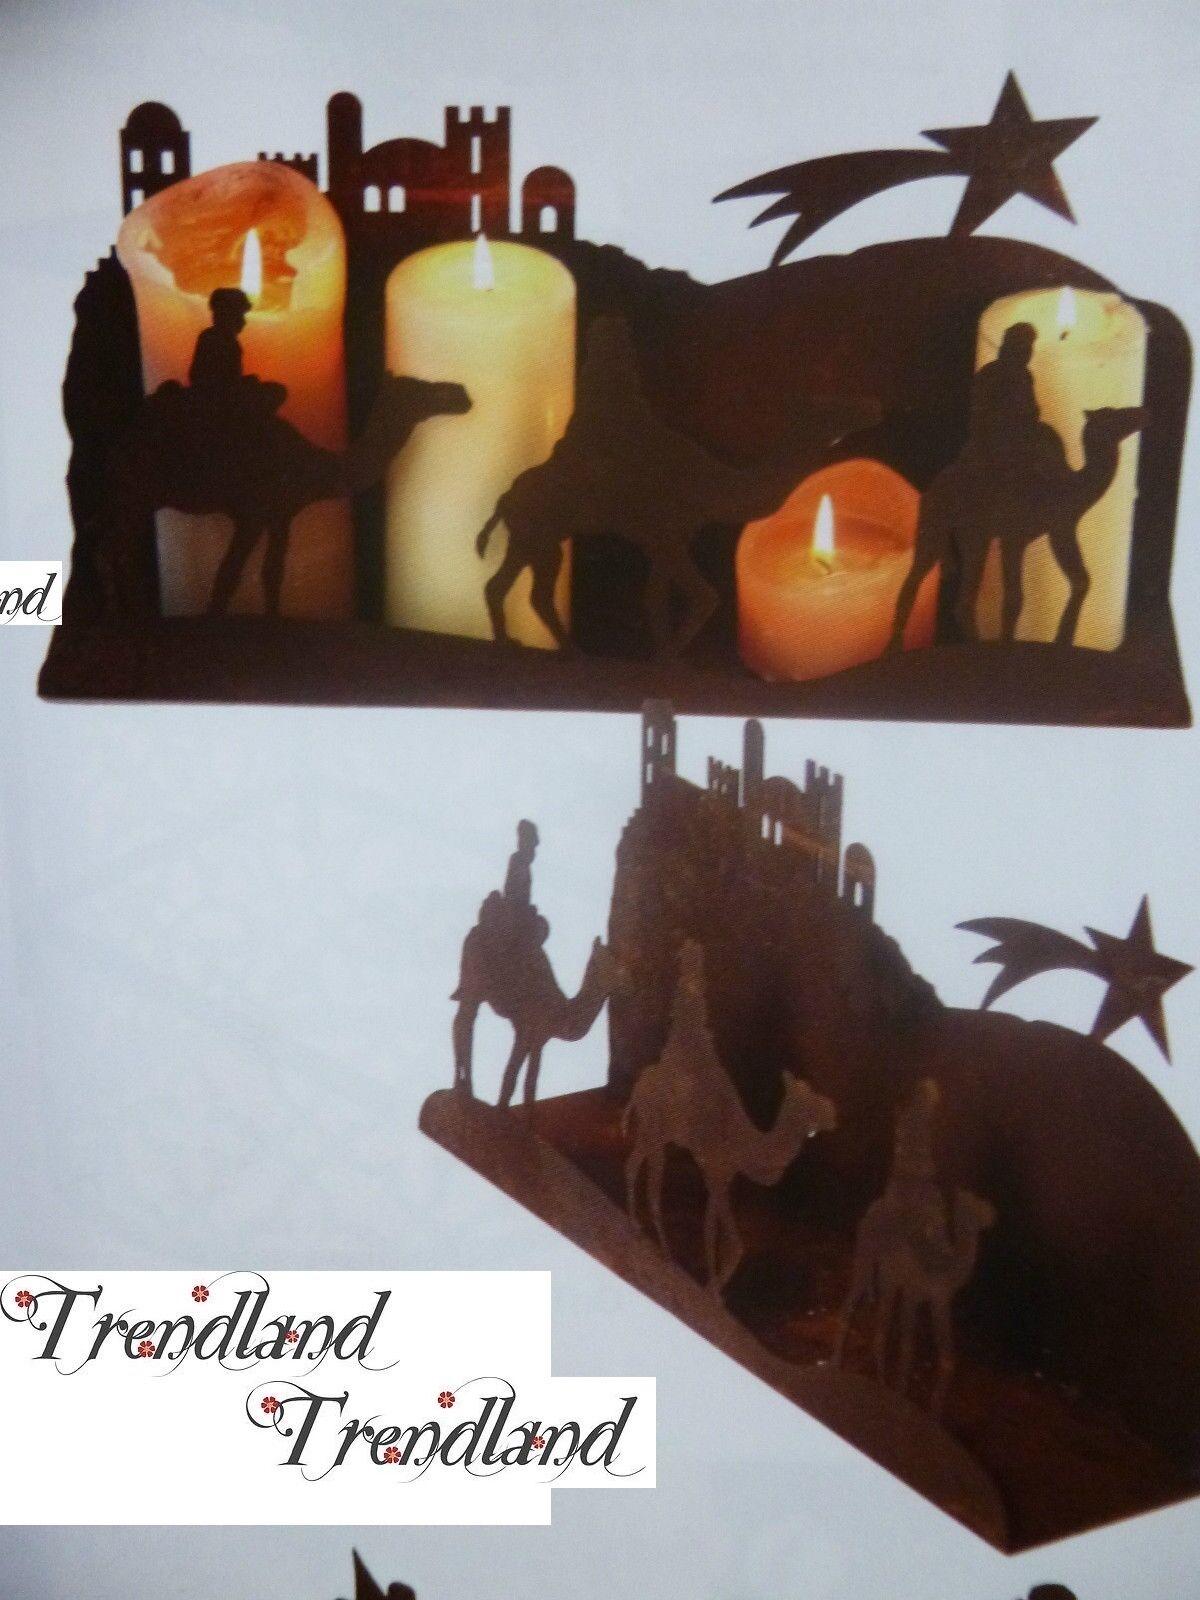 Edelrost Platte Morgenland Teelicht Dekoration Weihnachten Advent Garten Kerze  | Schenken Sie Ihrem Kind eine glückliche Kindheit